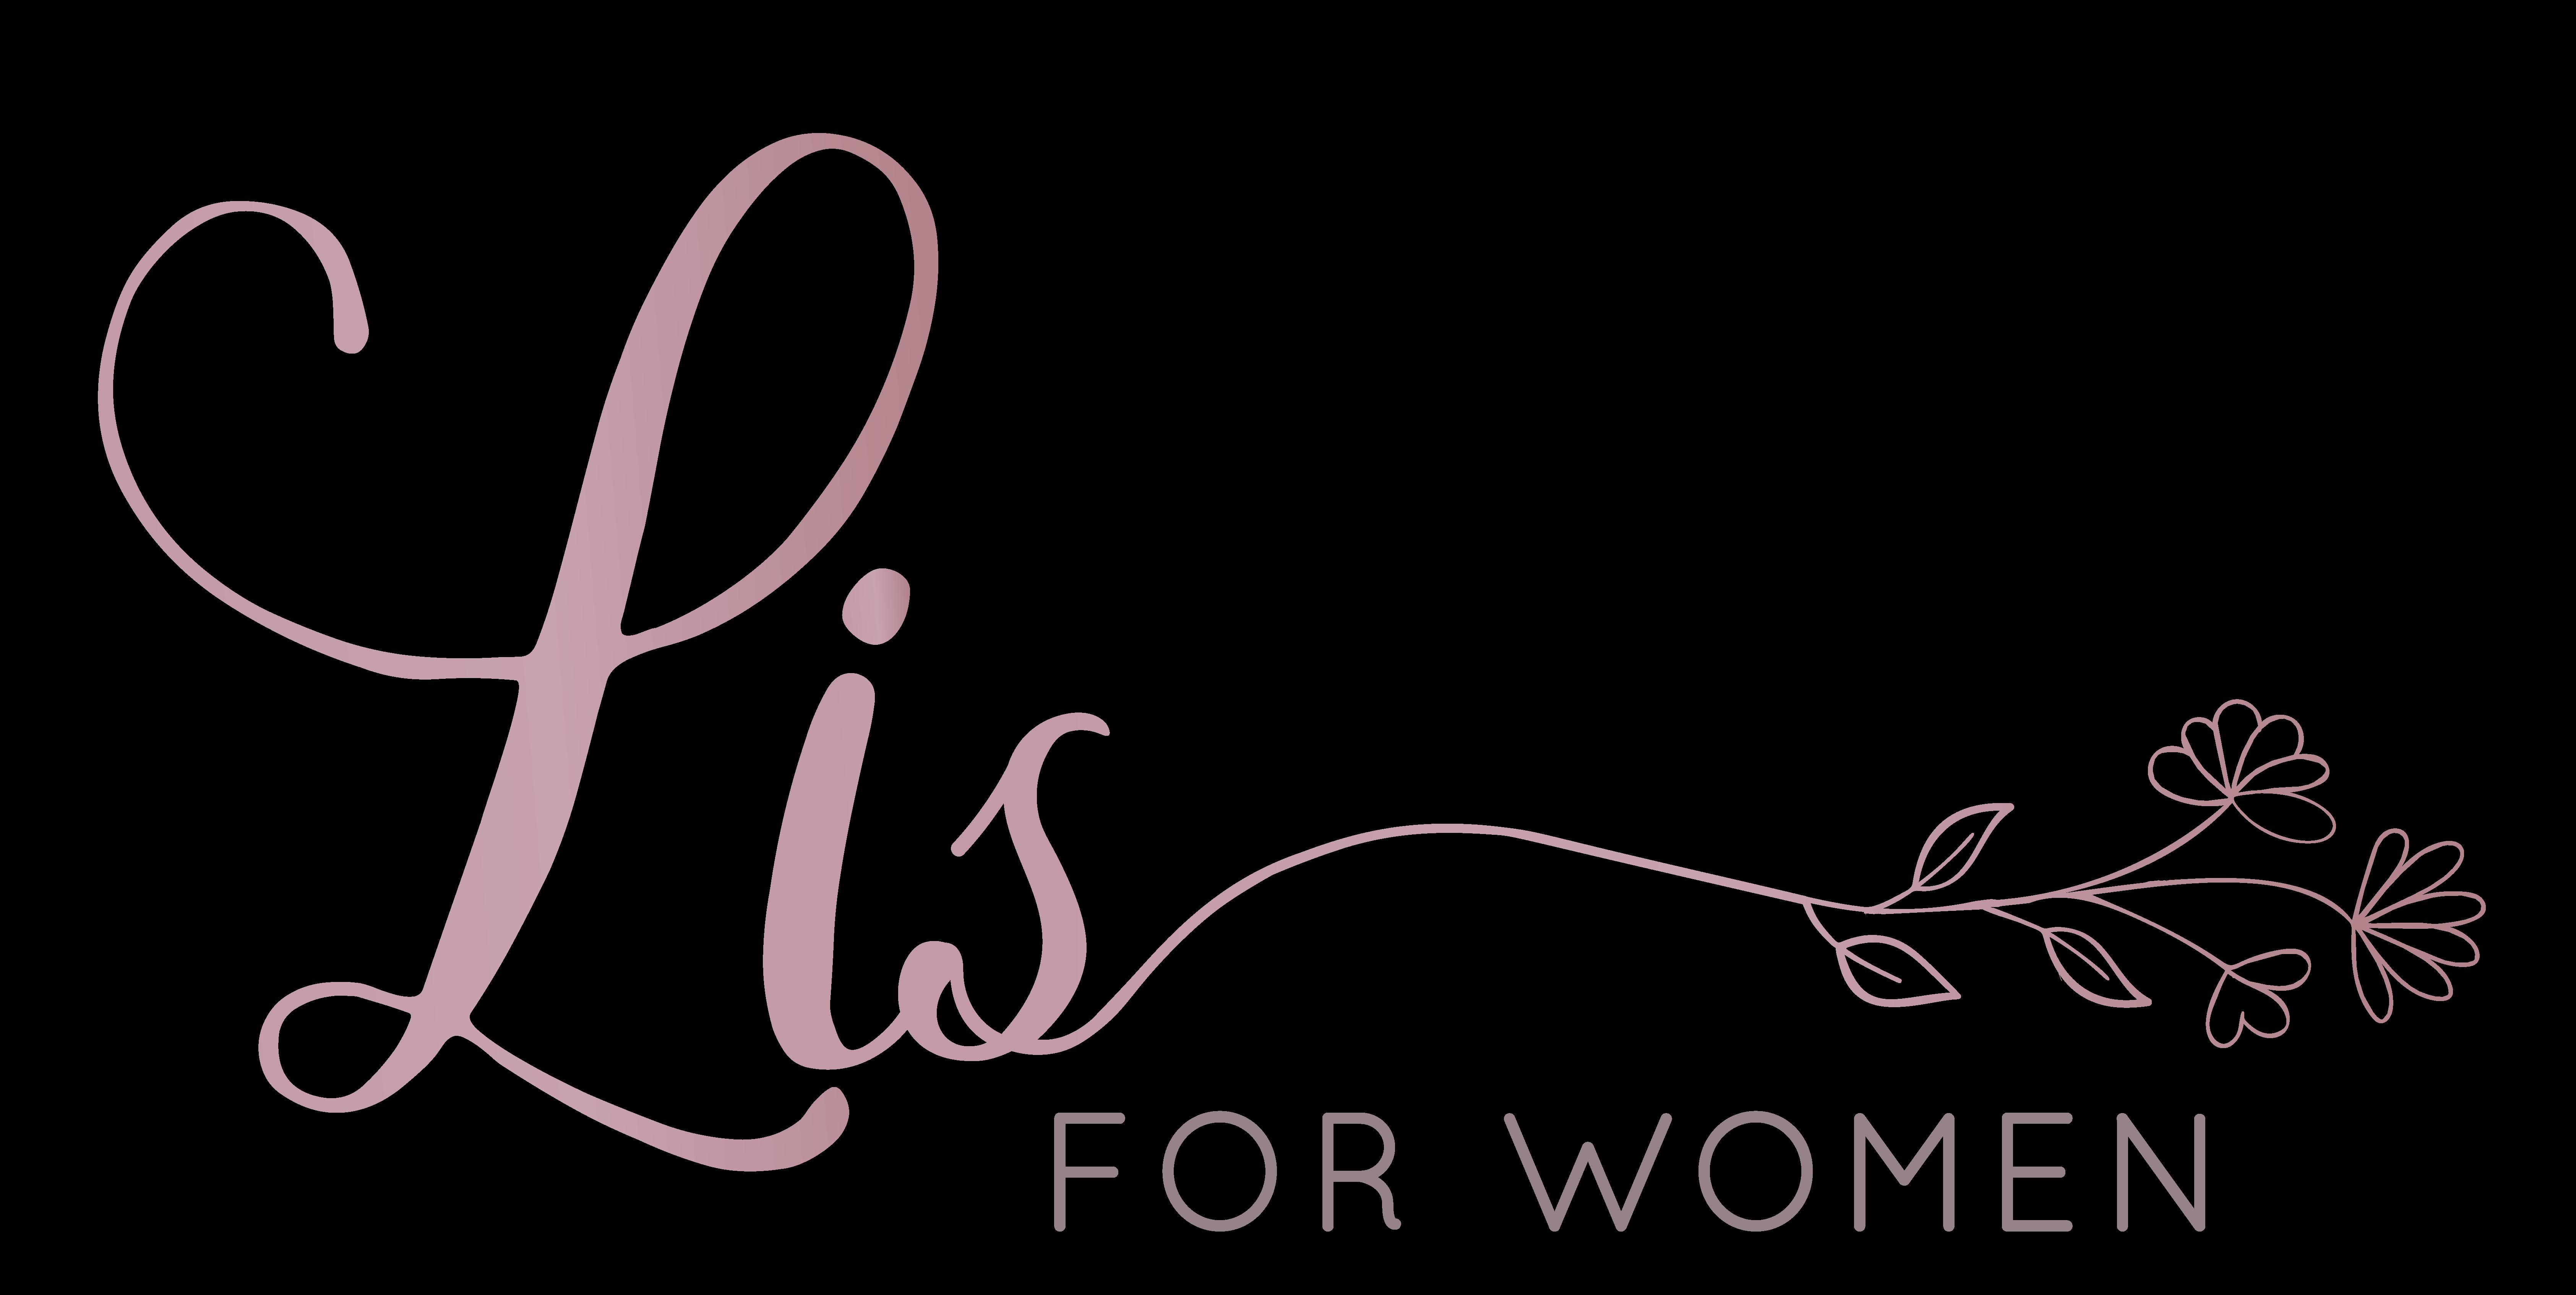 Lis - For Women